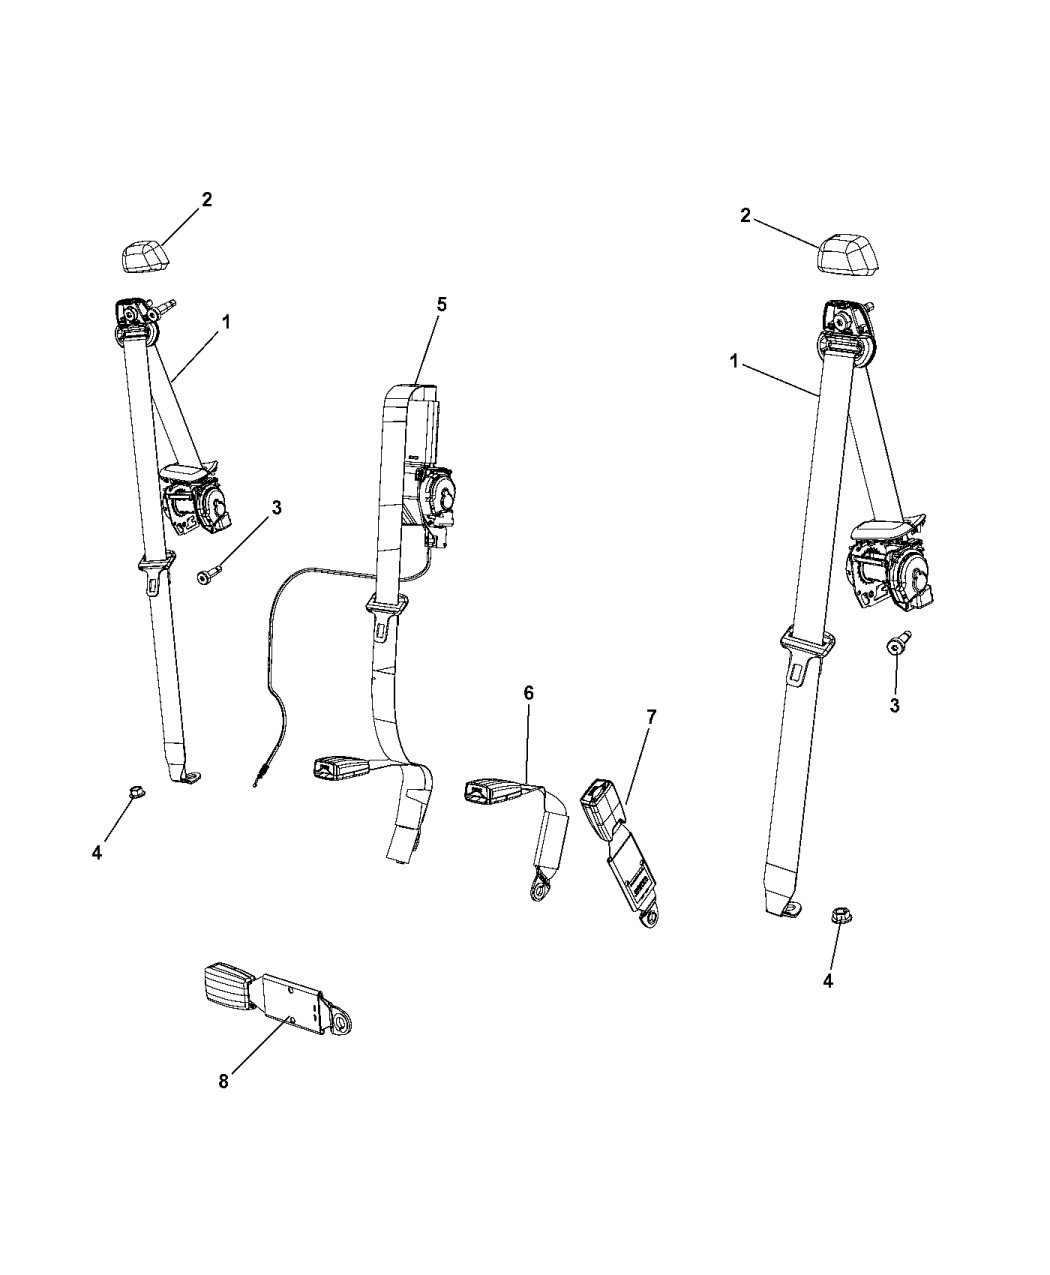 5kn771x9ab